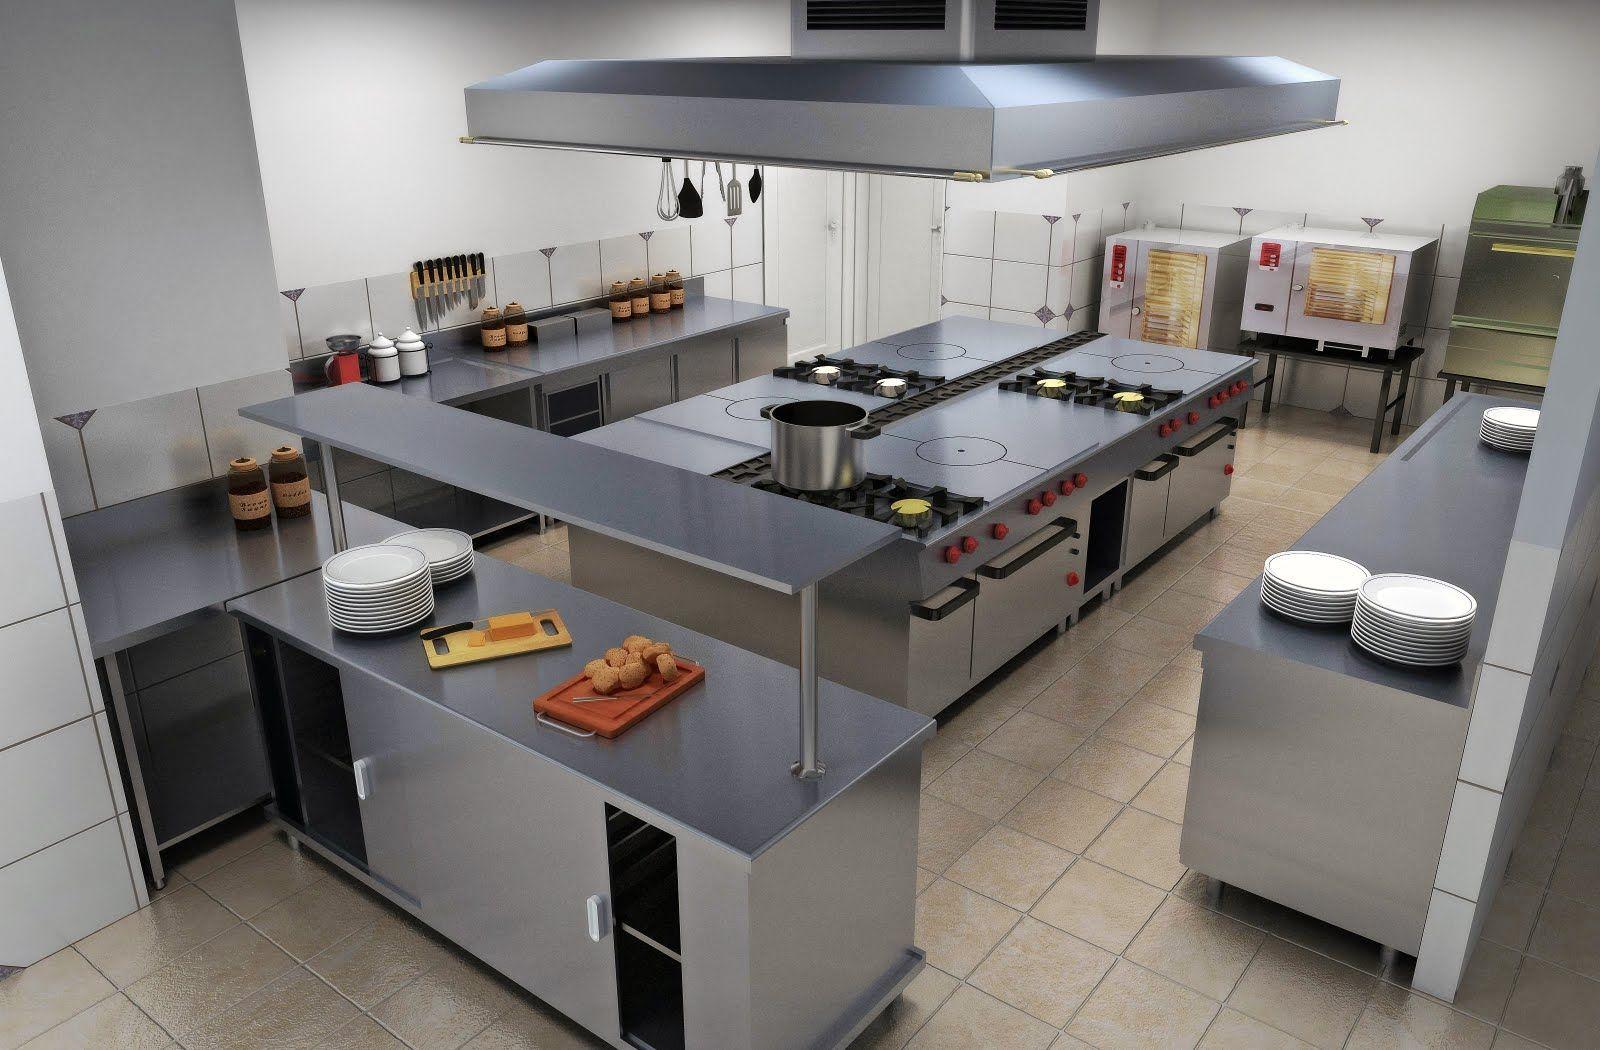 imagenes de cocinas para restaurantes - de búsqueda | decoraciones ...